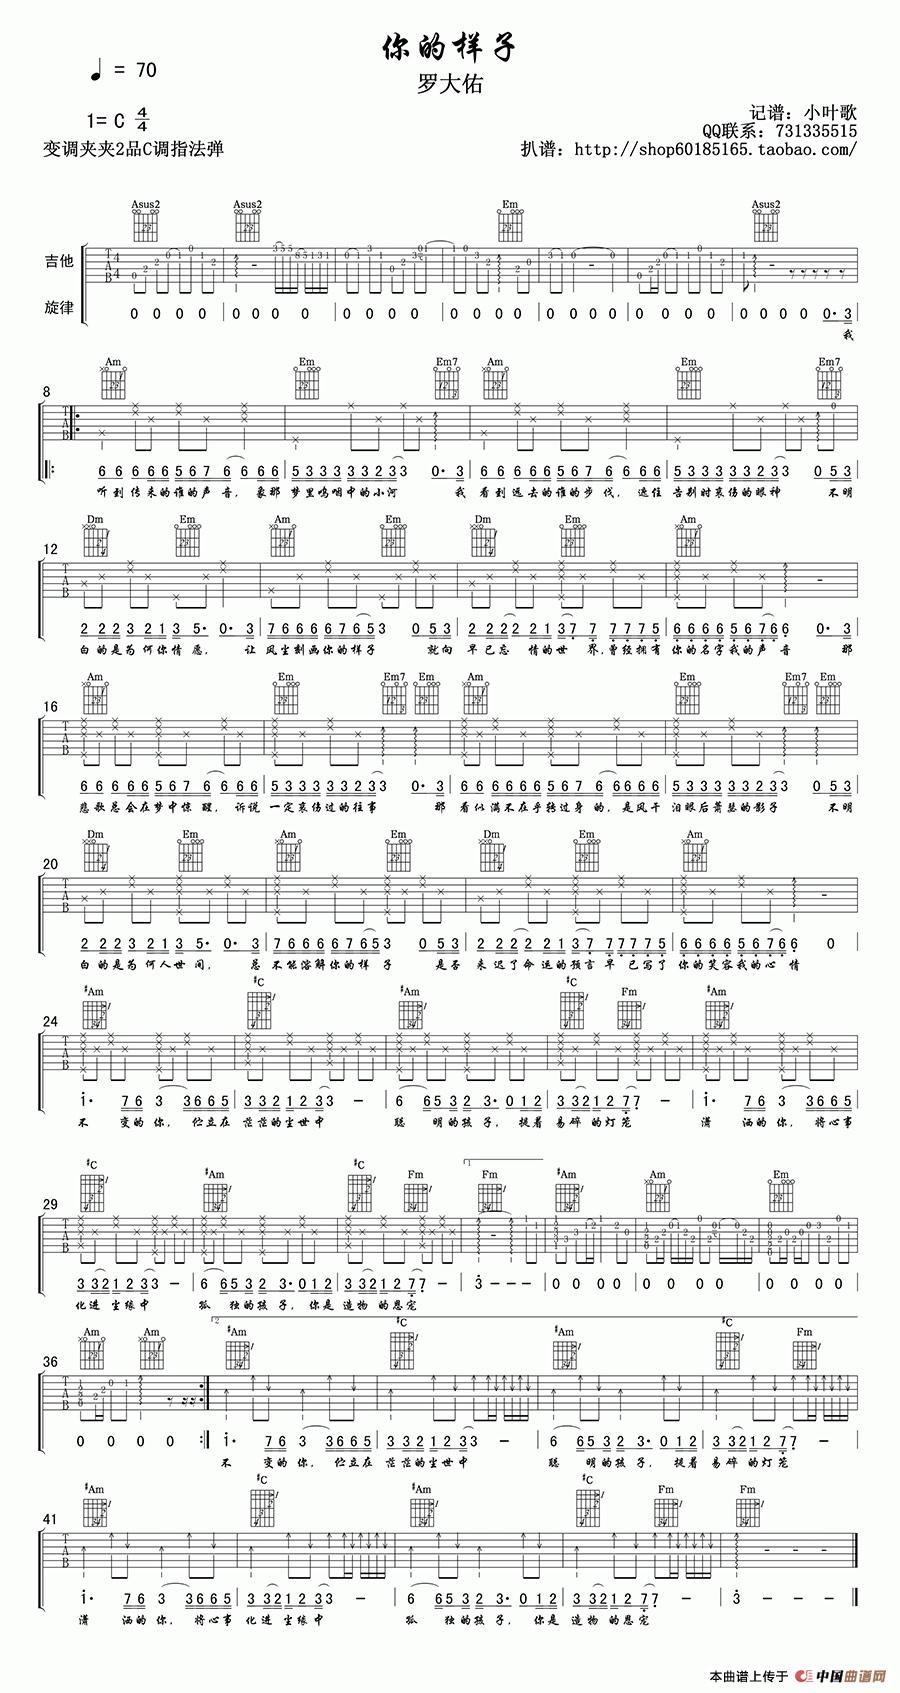 《罗大佑-你的样子吉他谱吉他弹唱谱》吉他谱图片